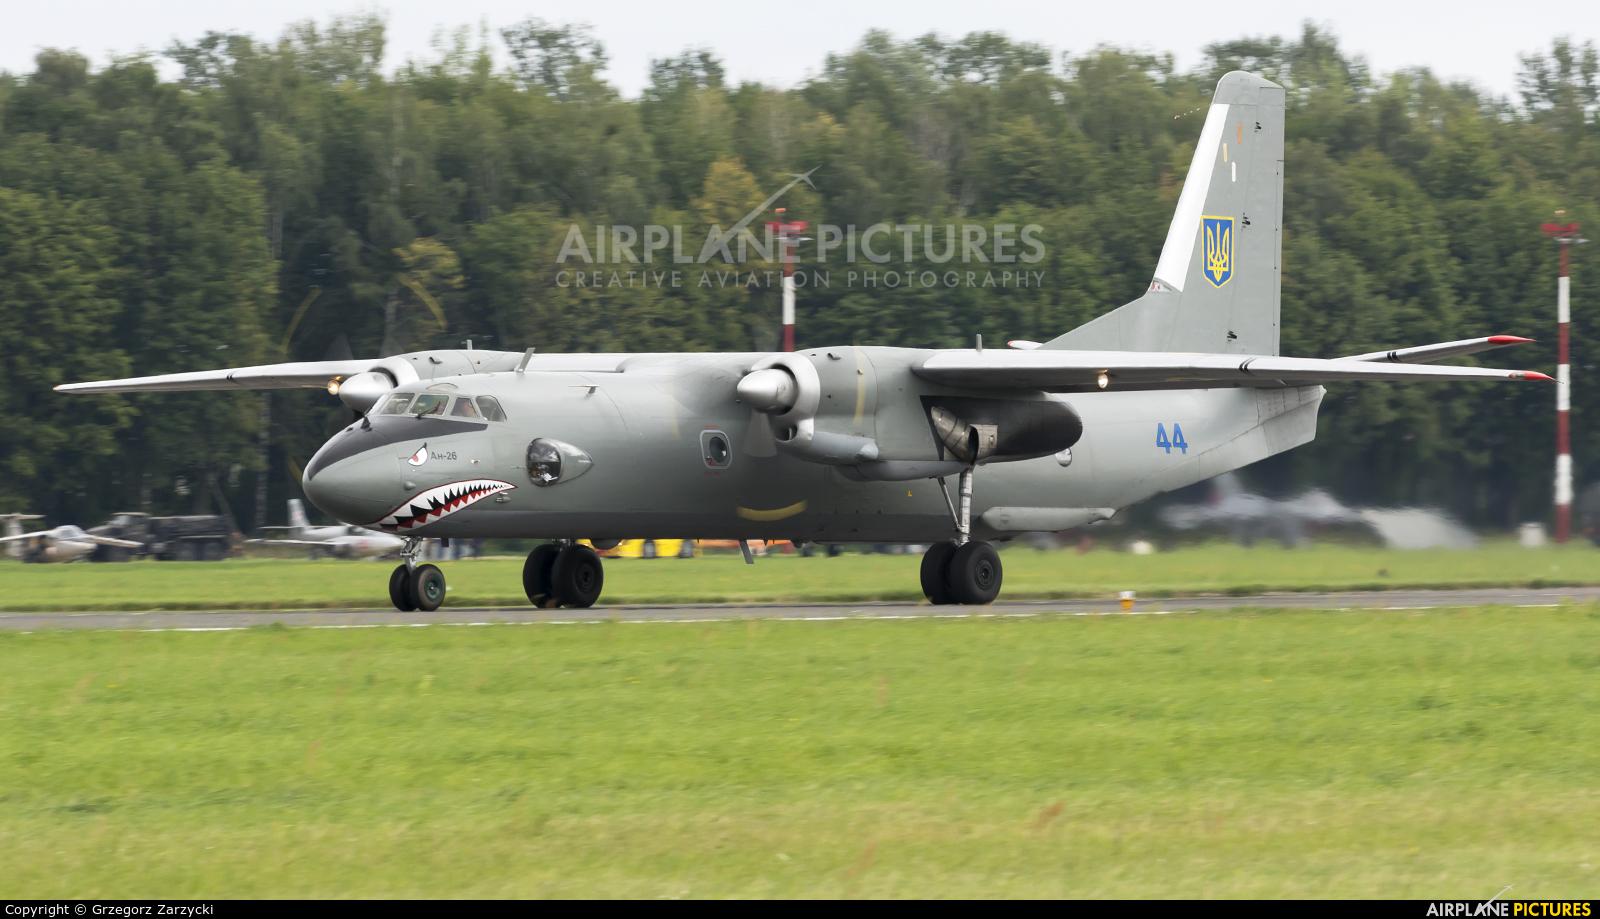 Hungary - Air Force 44 aircraft at Radom - Sadków